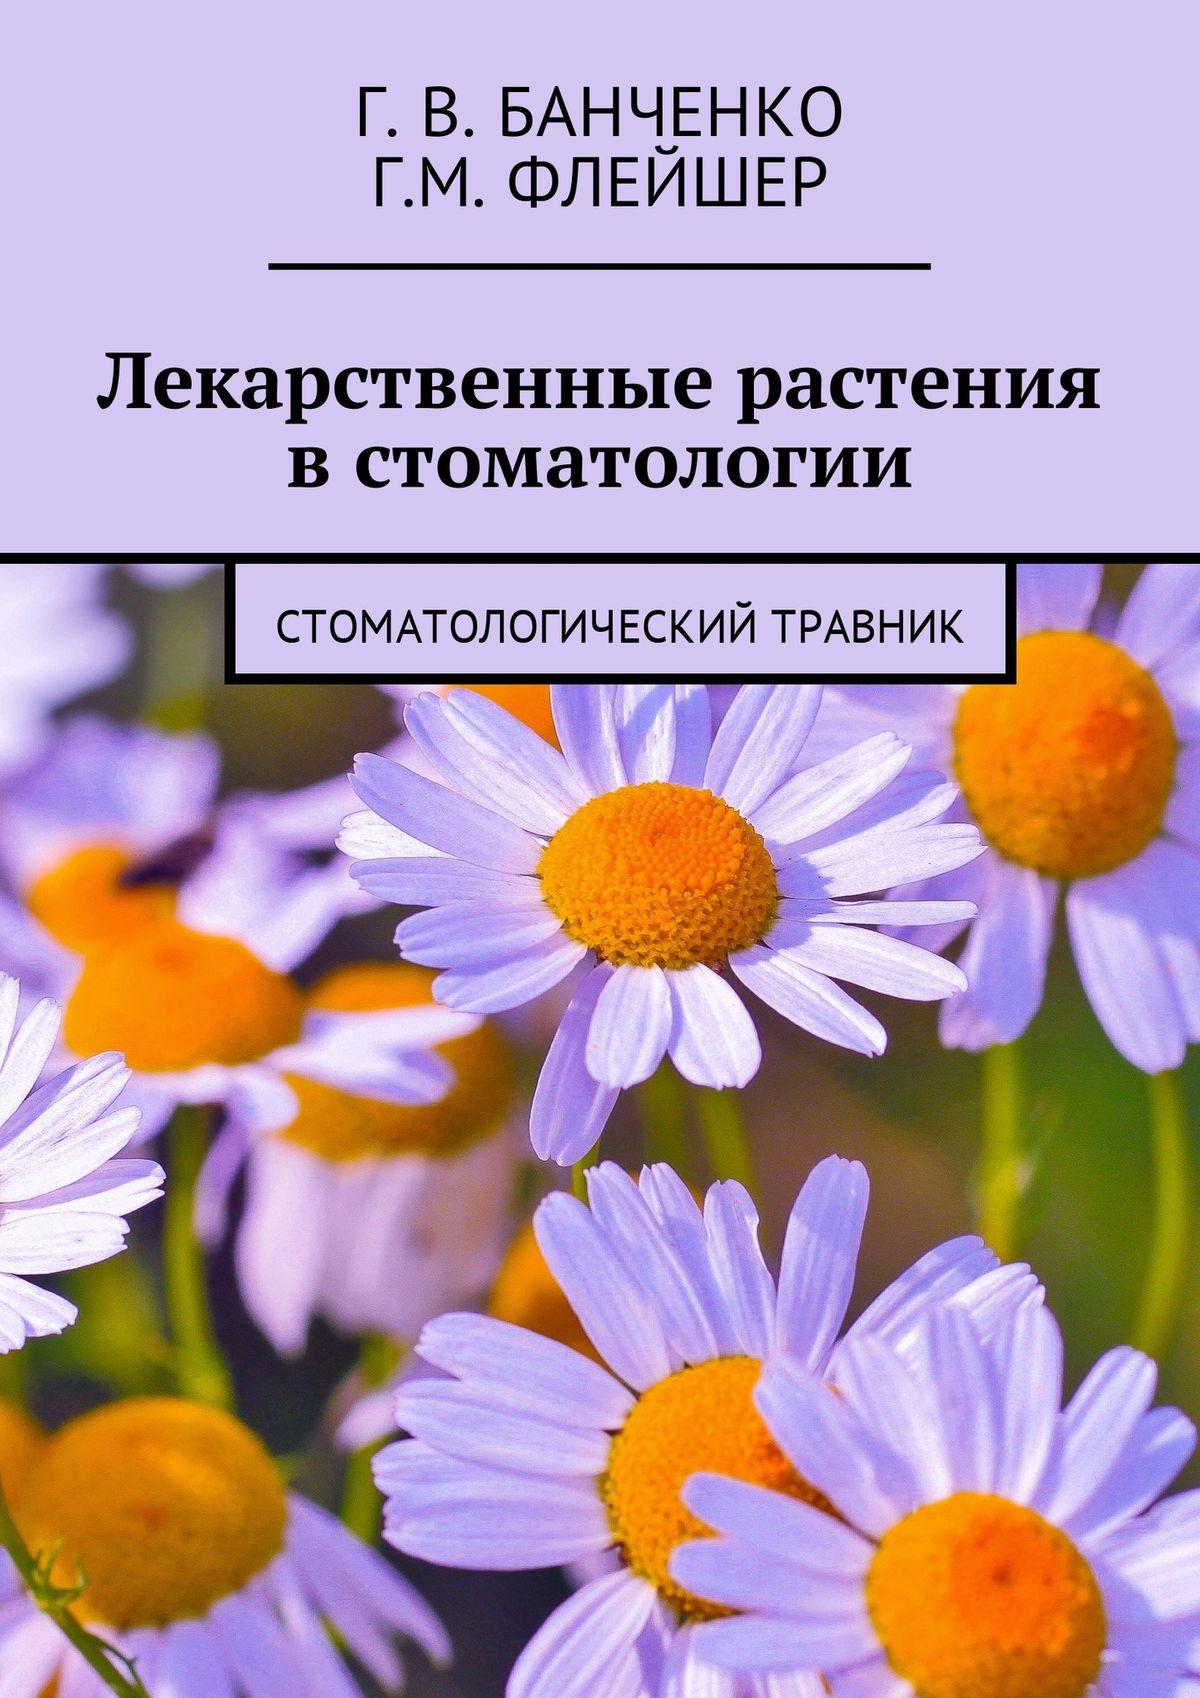 Г. М. Флейшер Лекарственные растения встоматологии. Стоматологический травник